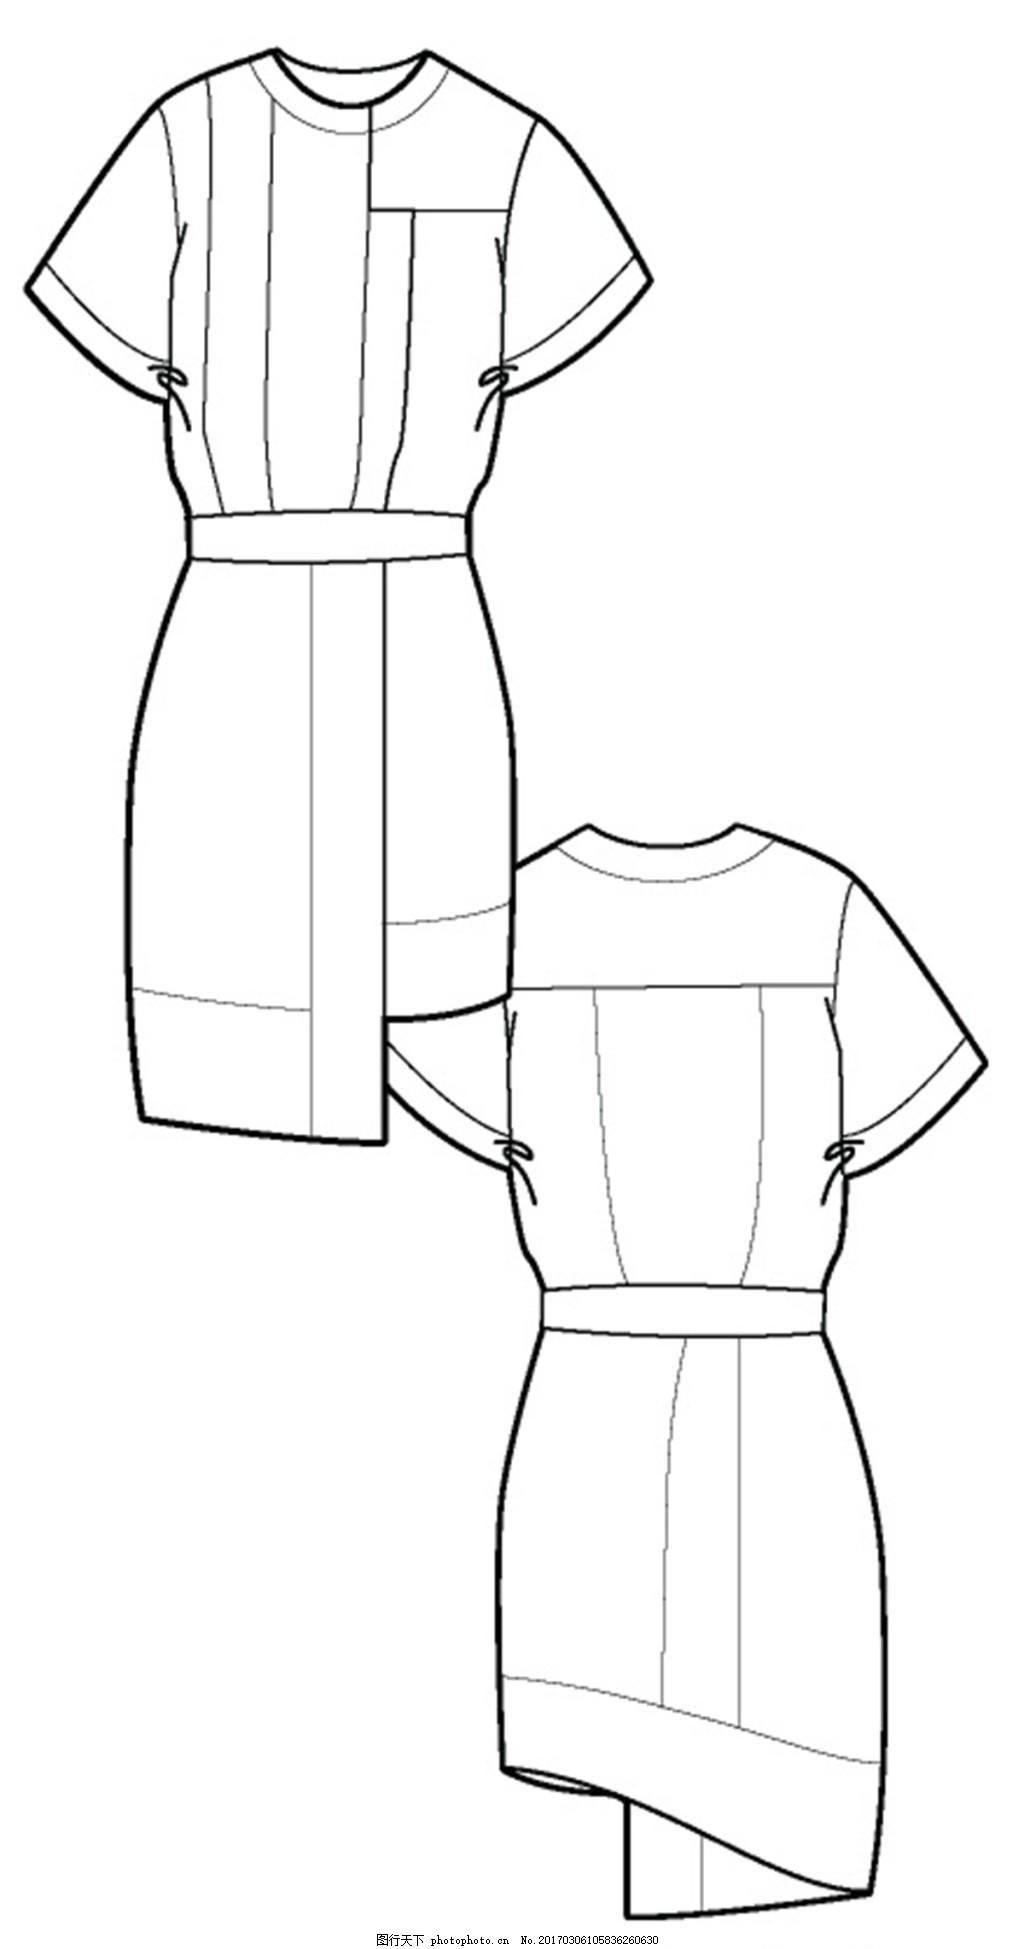 腰带连衣裙设计图